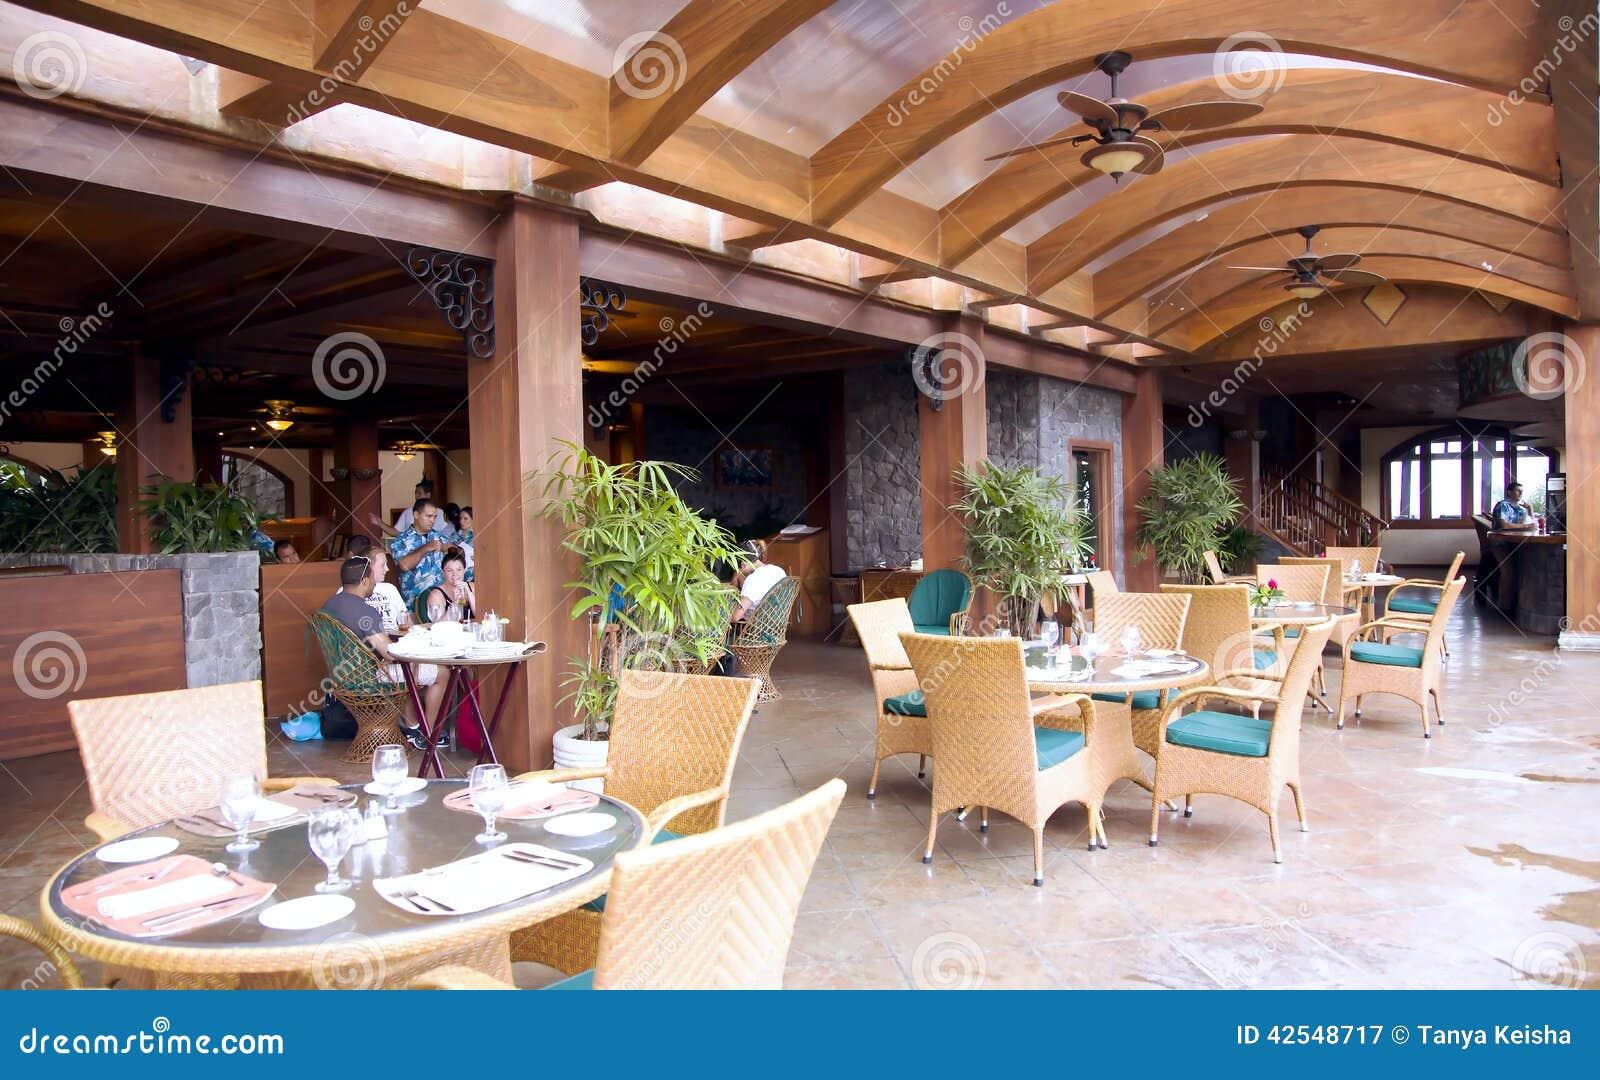 Ristorante su una veranda aperta in un albergo di lusso for Piani di lusso a pianta aperta